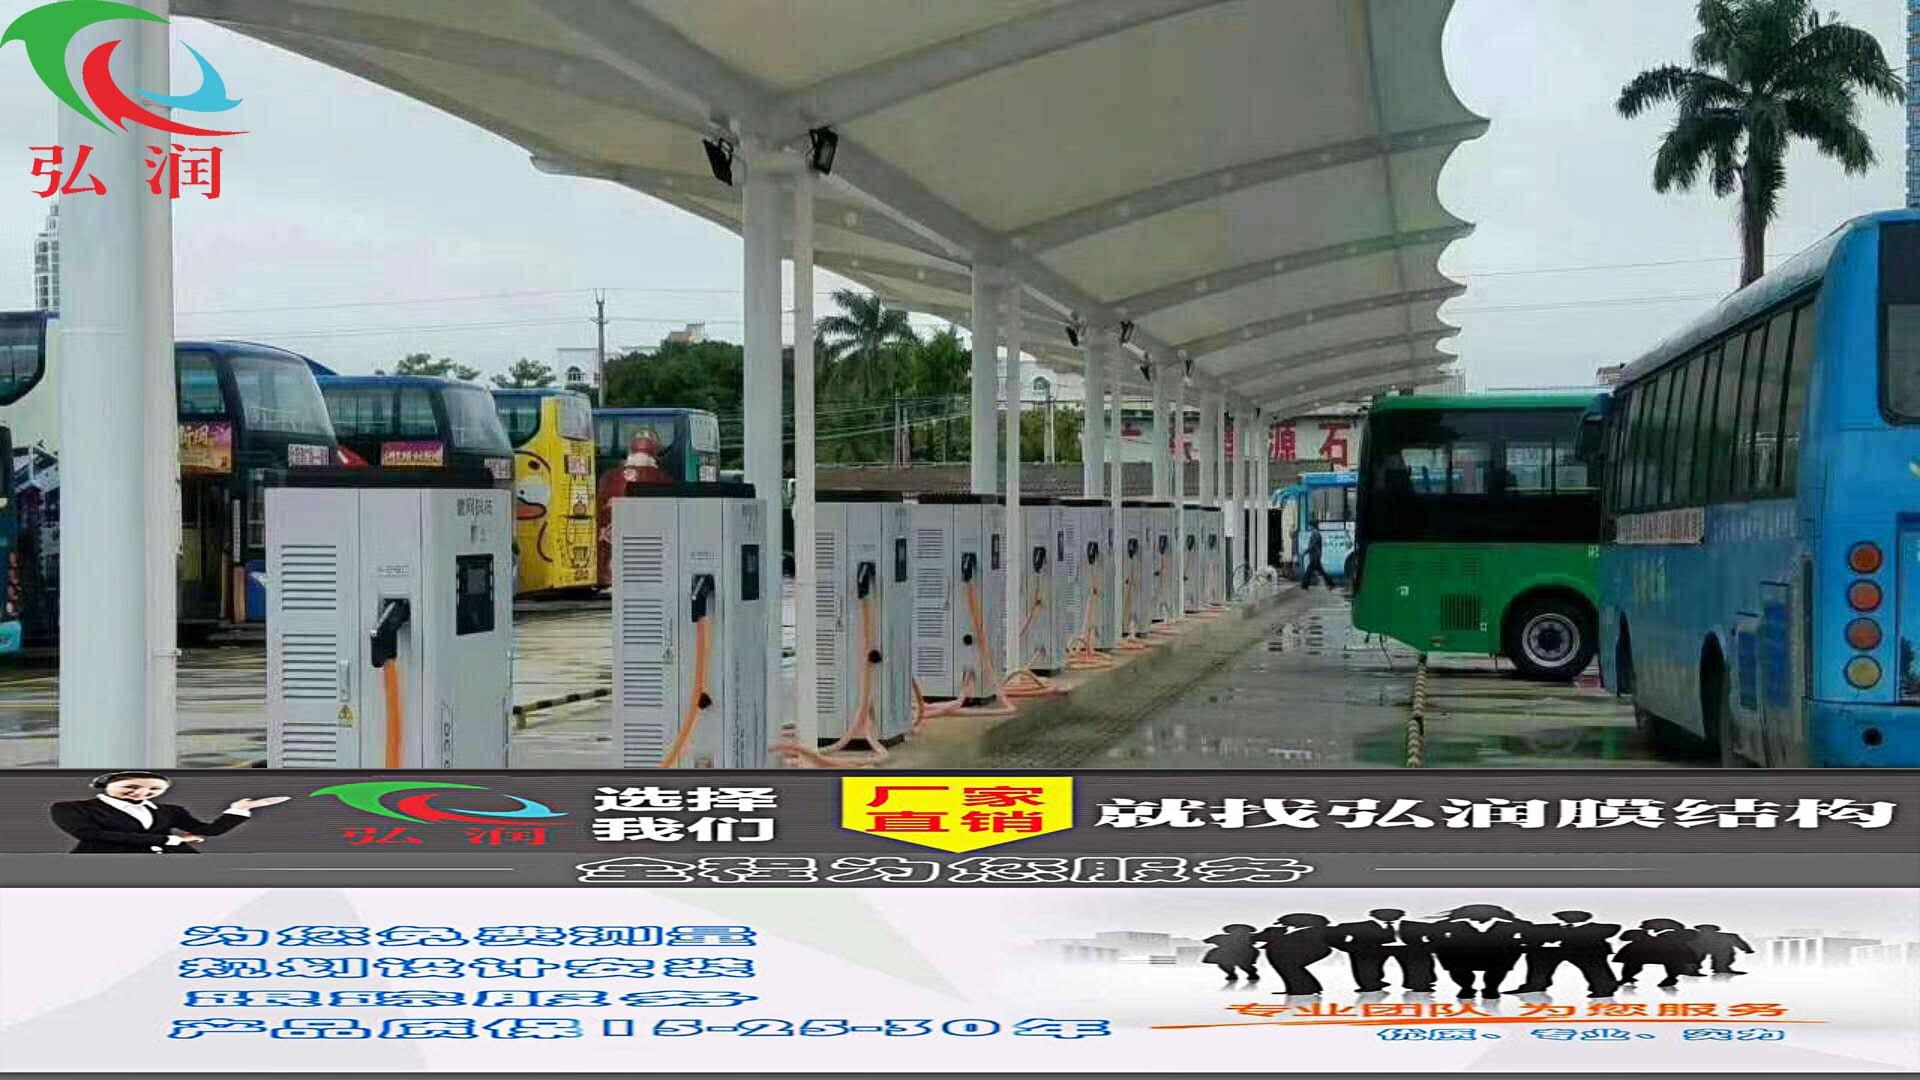 无锡车棚膜结构自行停车棚公交公司膜结构充电桩车棚